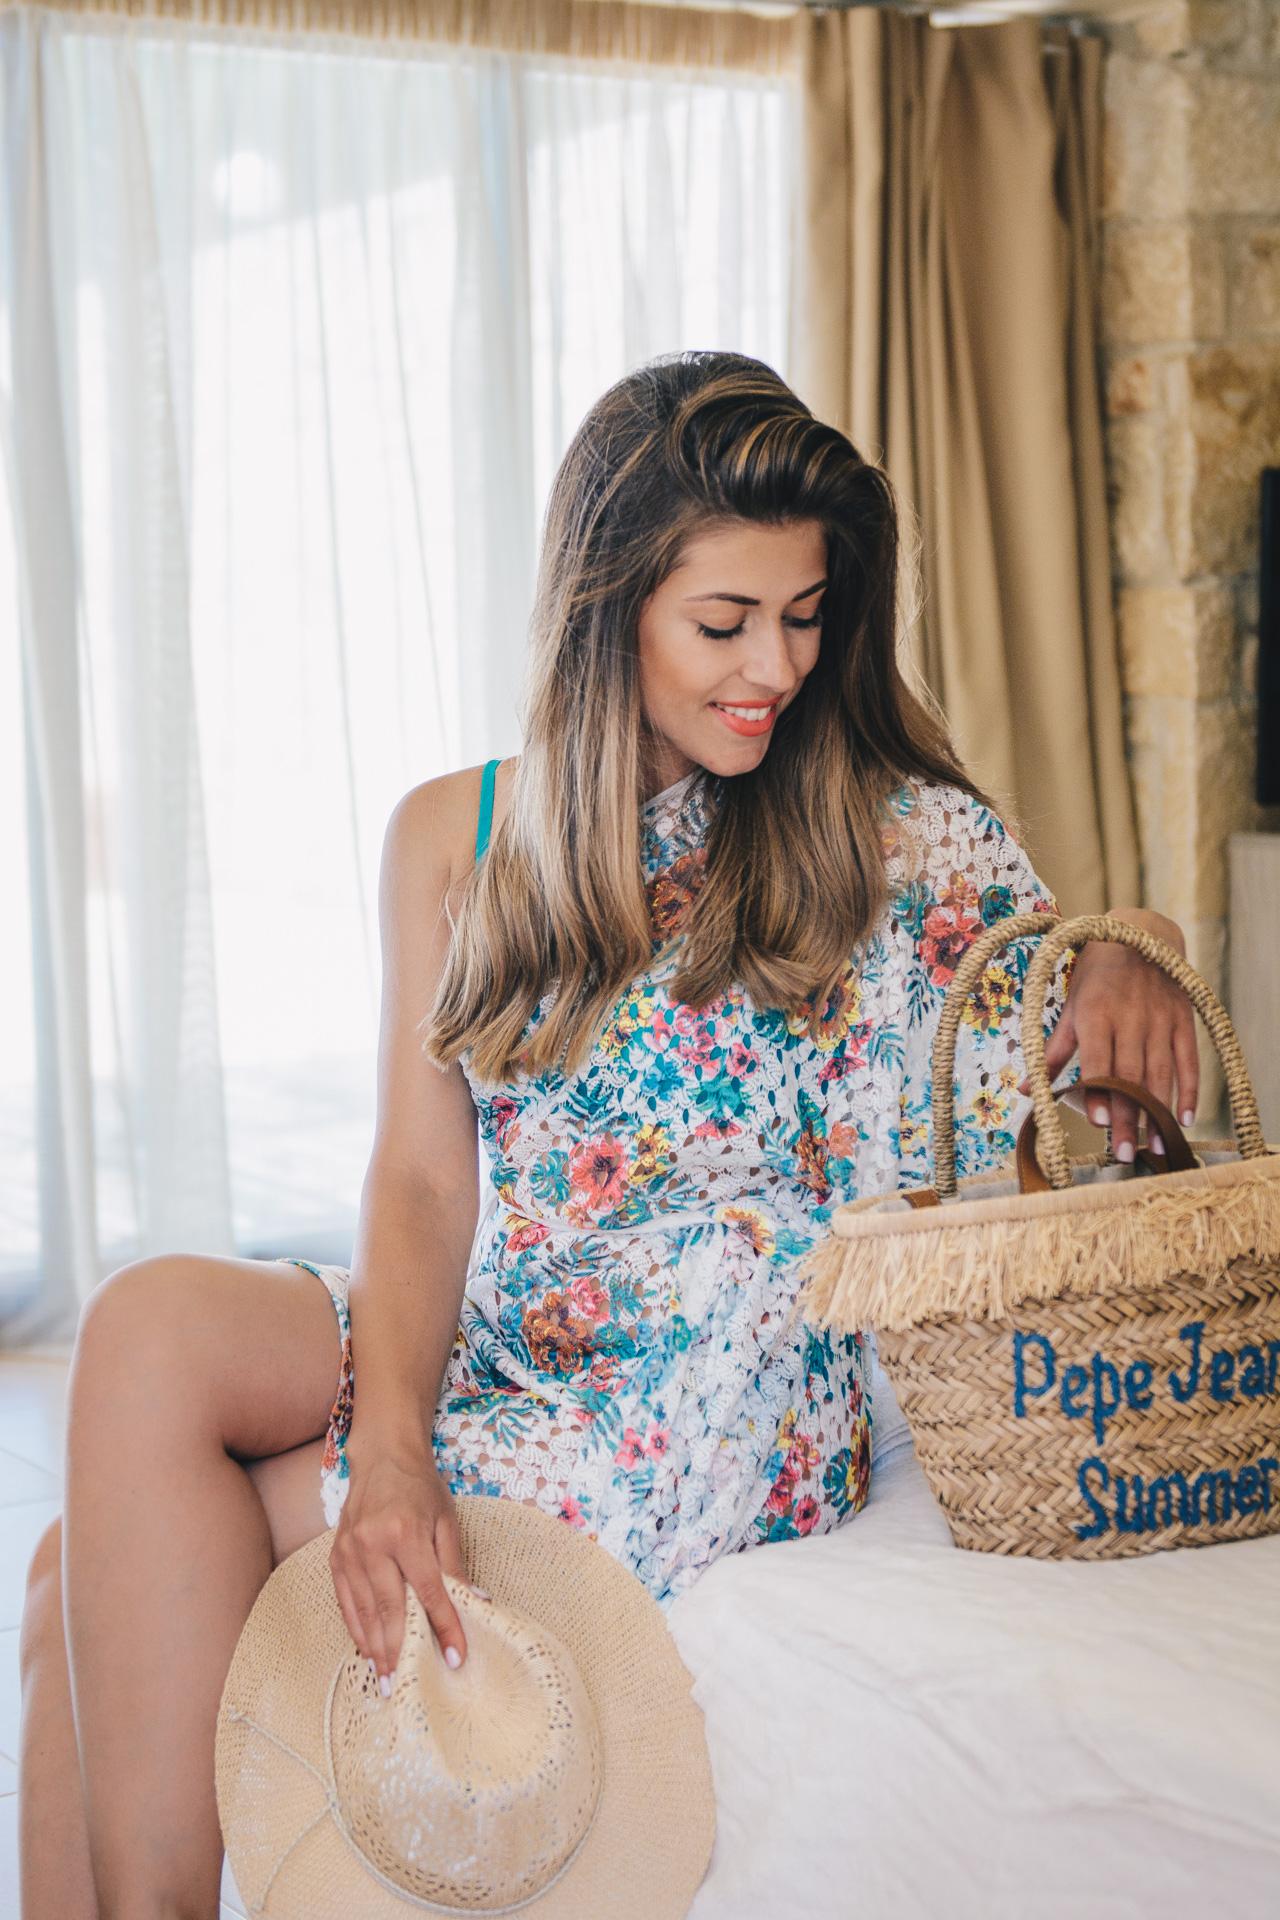 Моден блогър с Yamamay бански